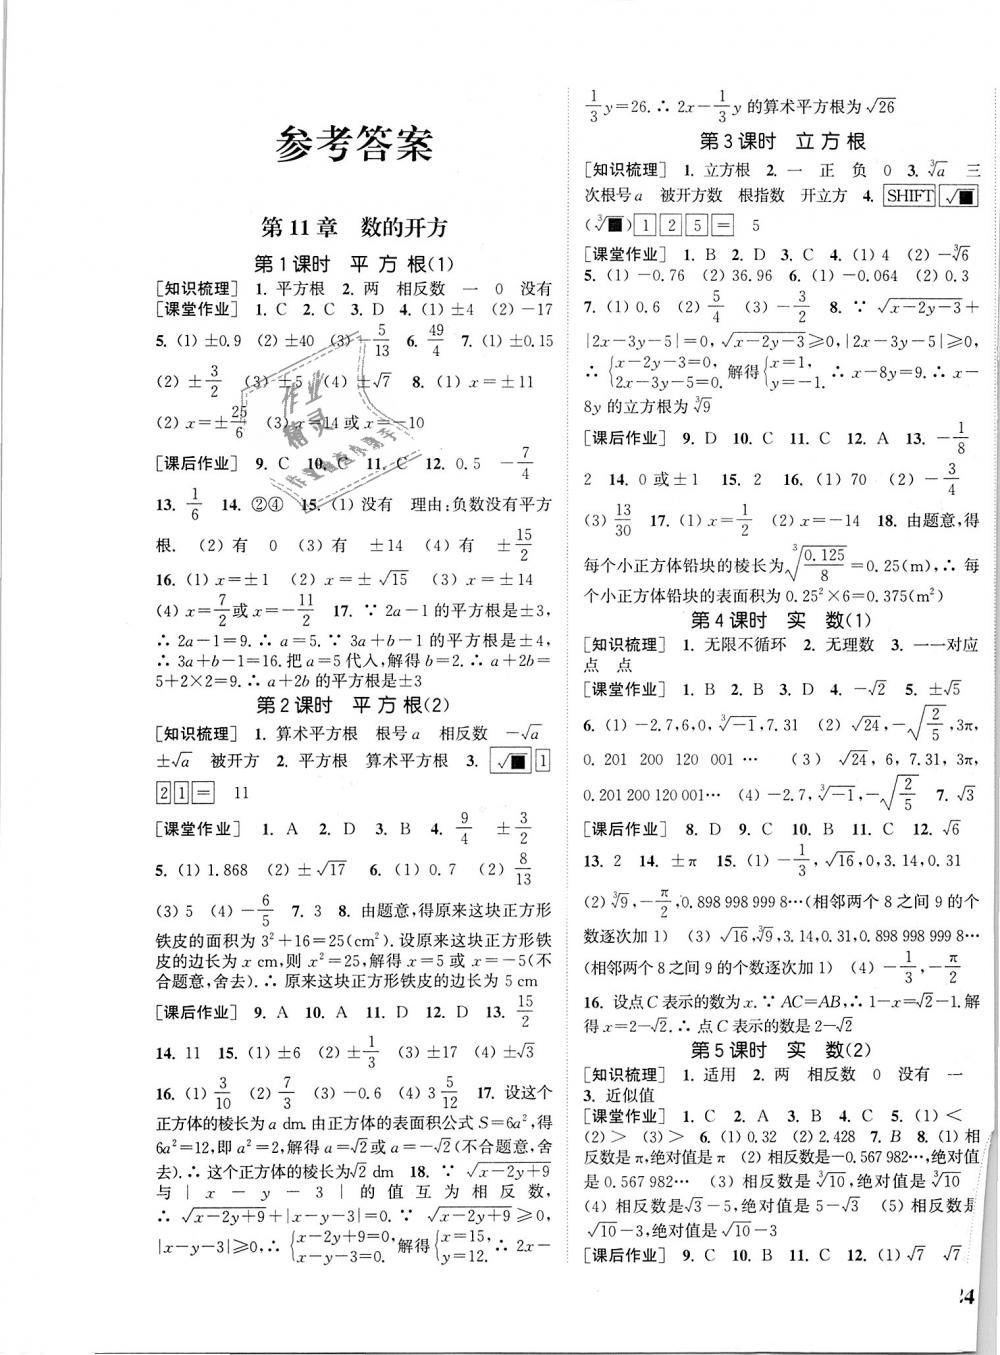 2018年通城学典课时作业本八年级数学上册华师版第1页